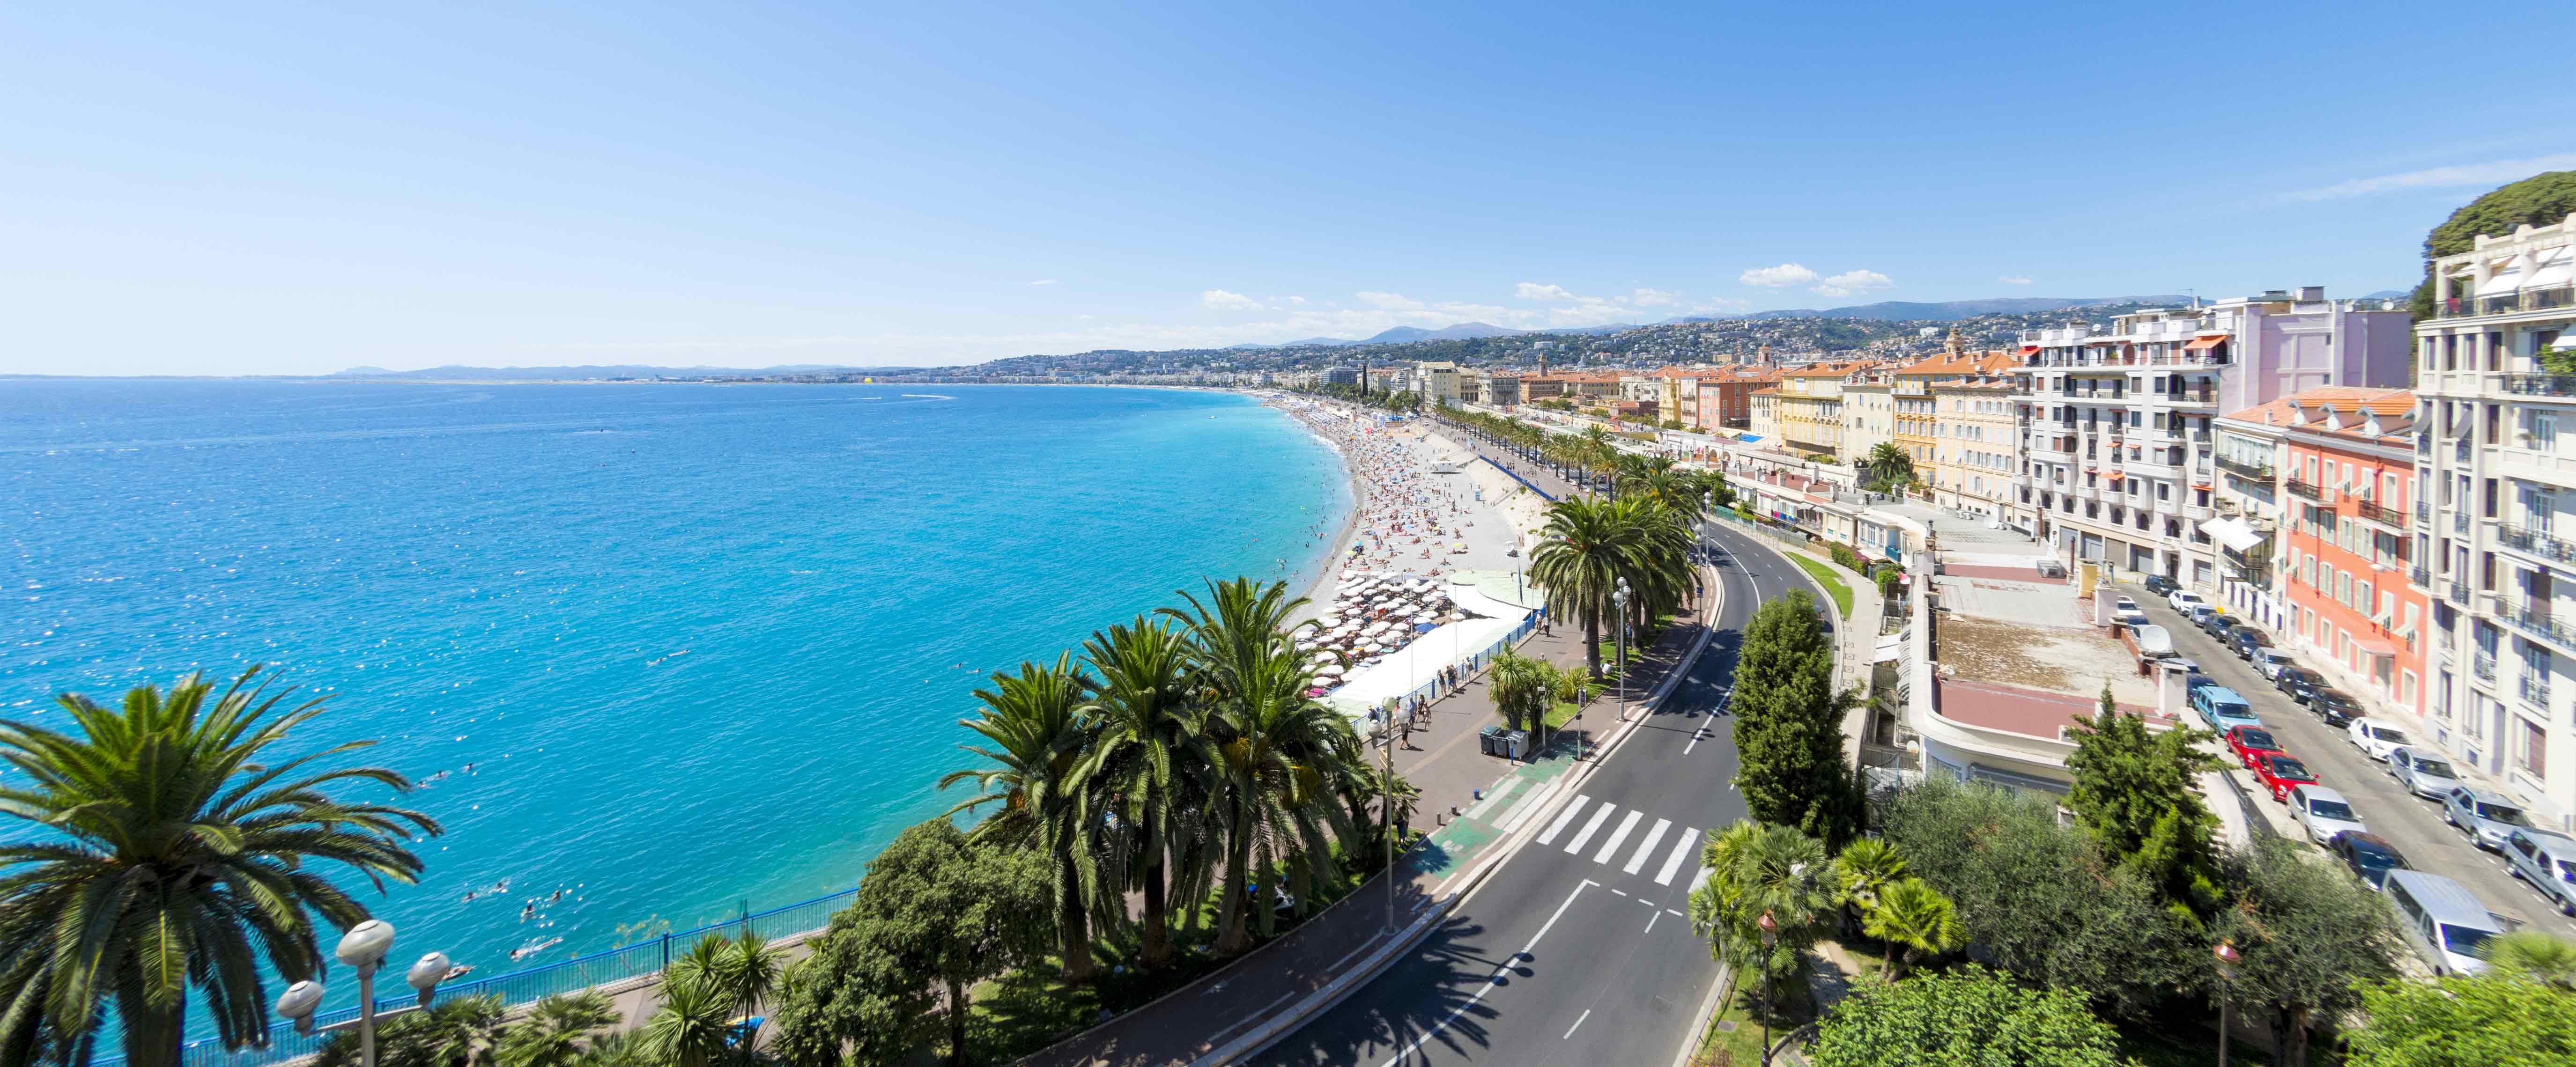 Découvrez nos séjours de luxe en vente privée - Nice. VeryChic vous propose des voyages jusqu'à -70% dans les plus beaux hôtels du monde - Nice